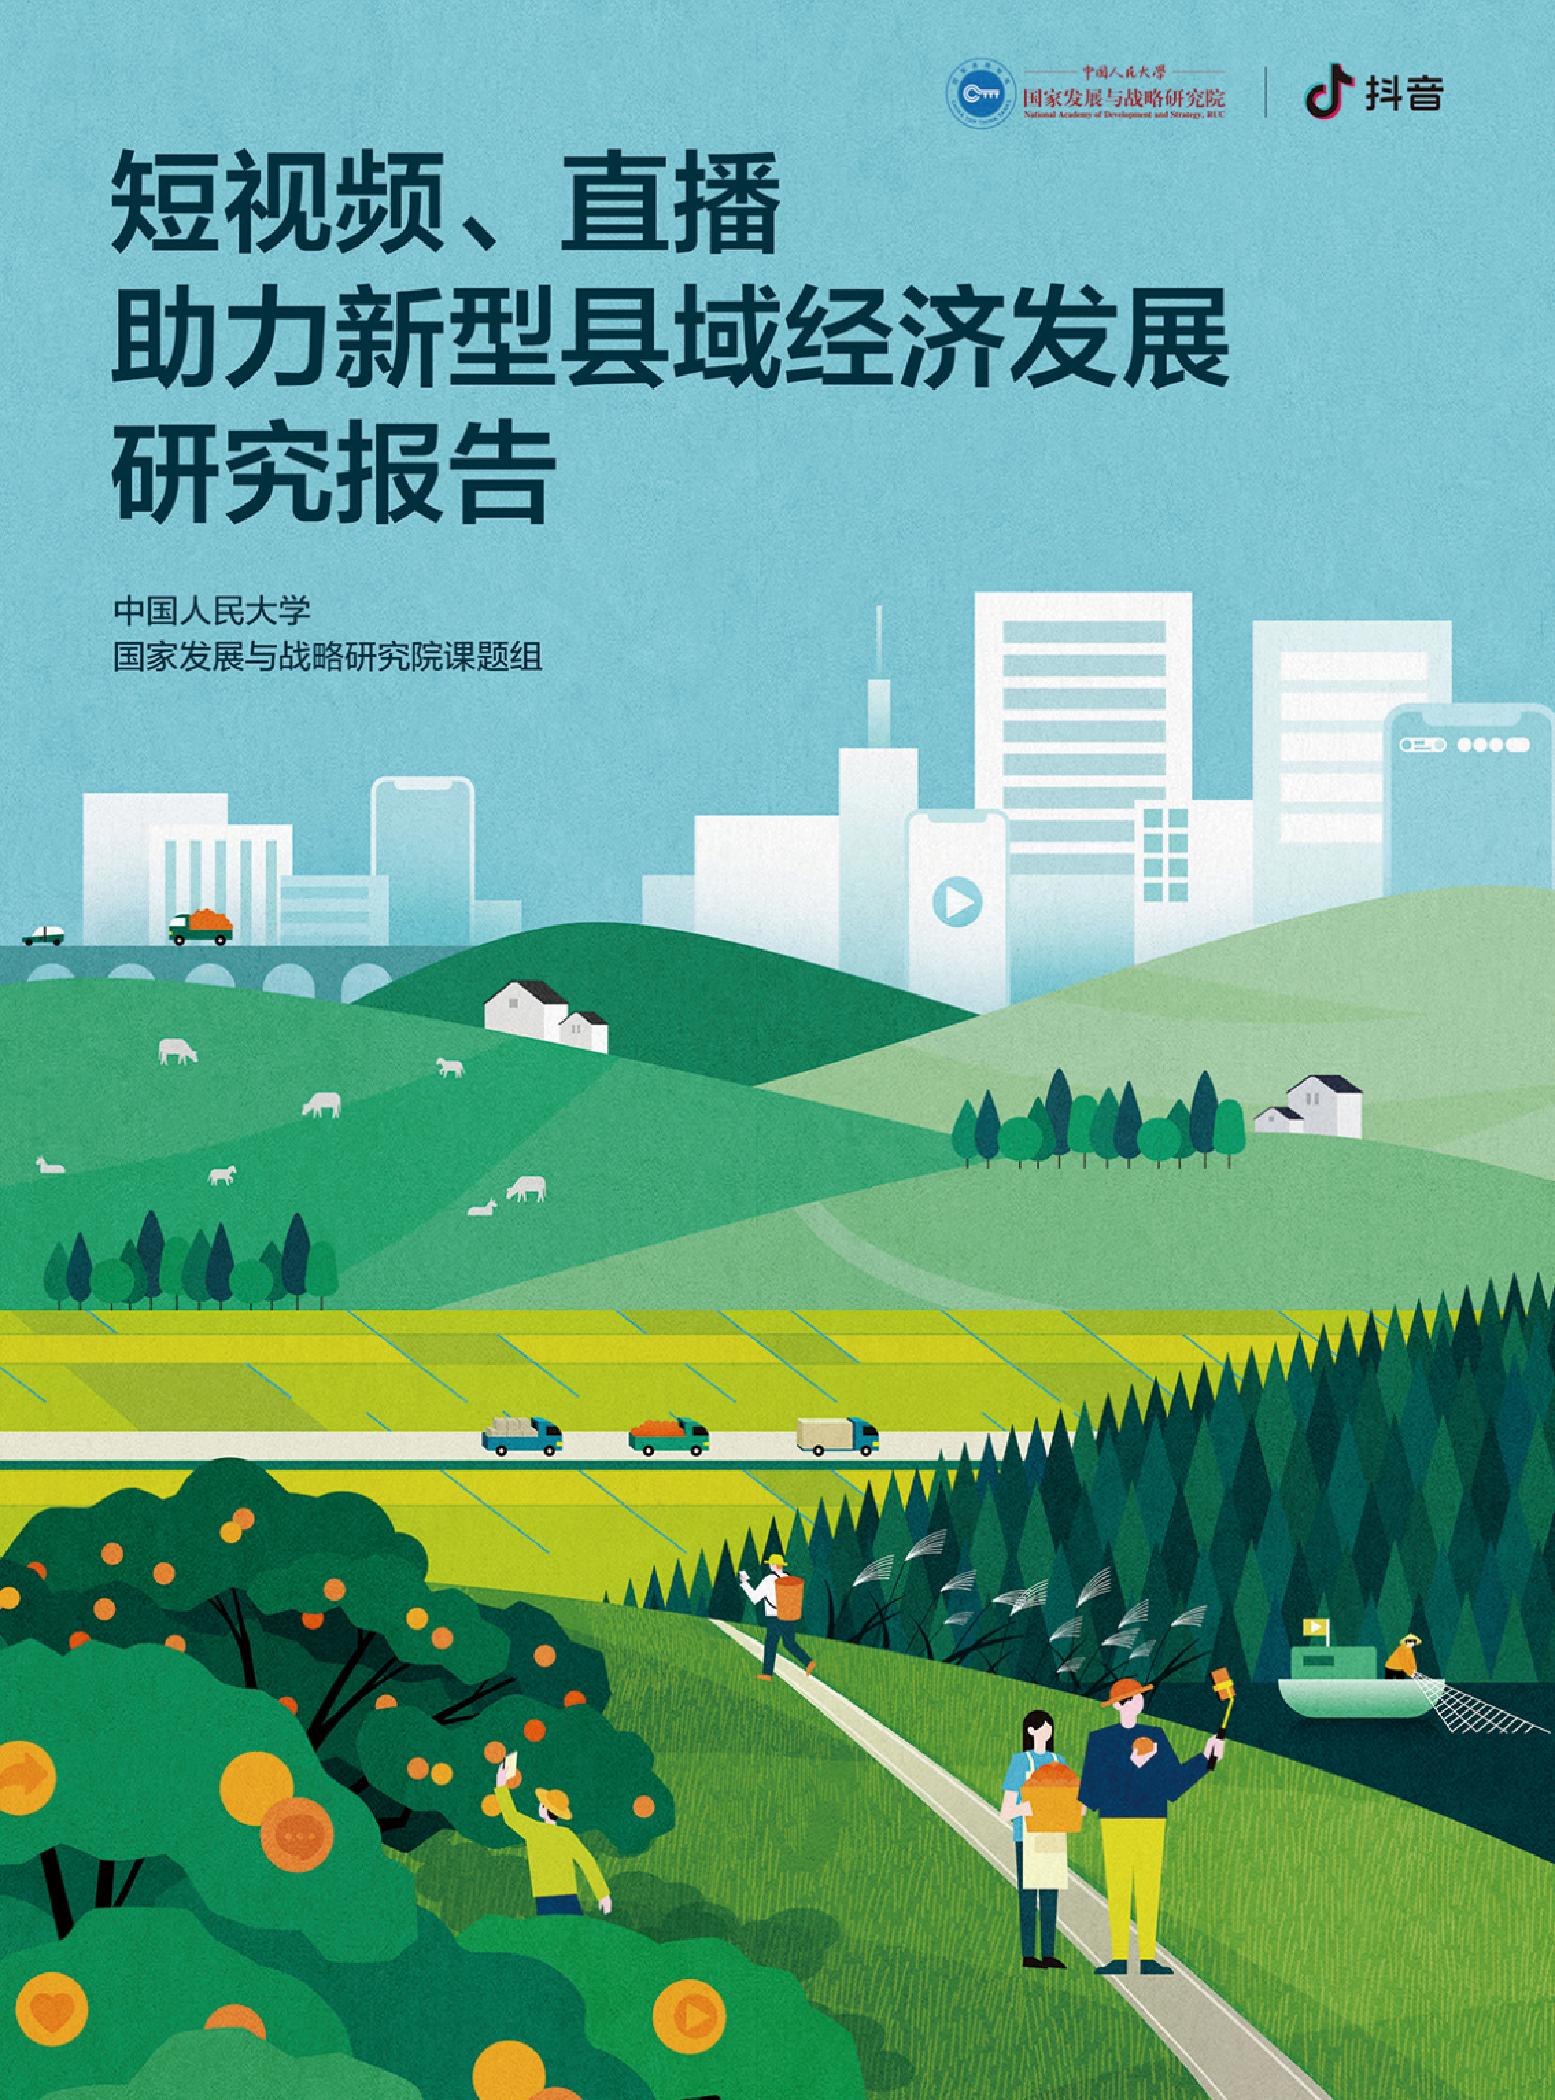 短视频、直播助力新型县域经济发展研究报告